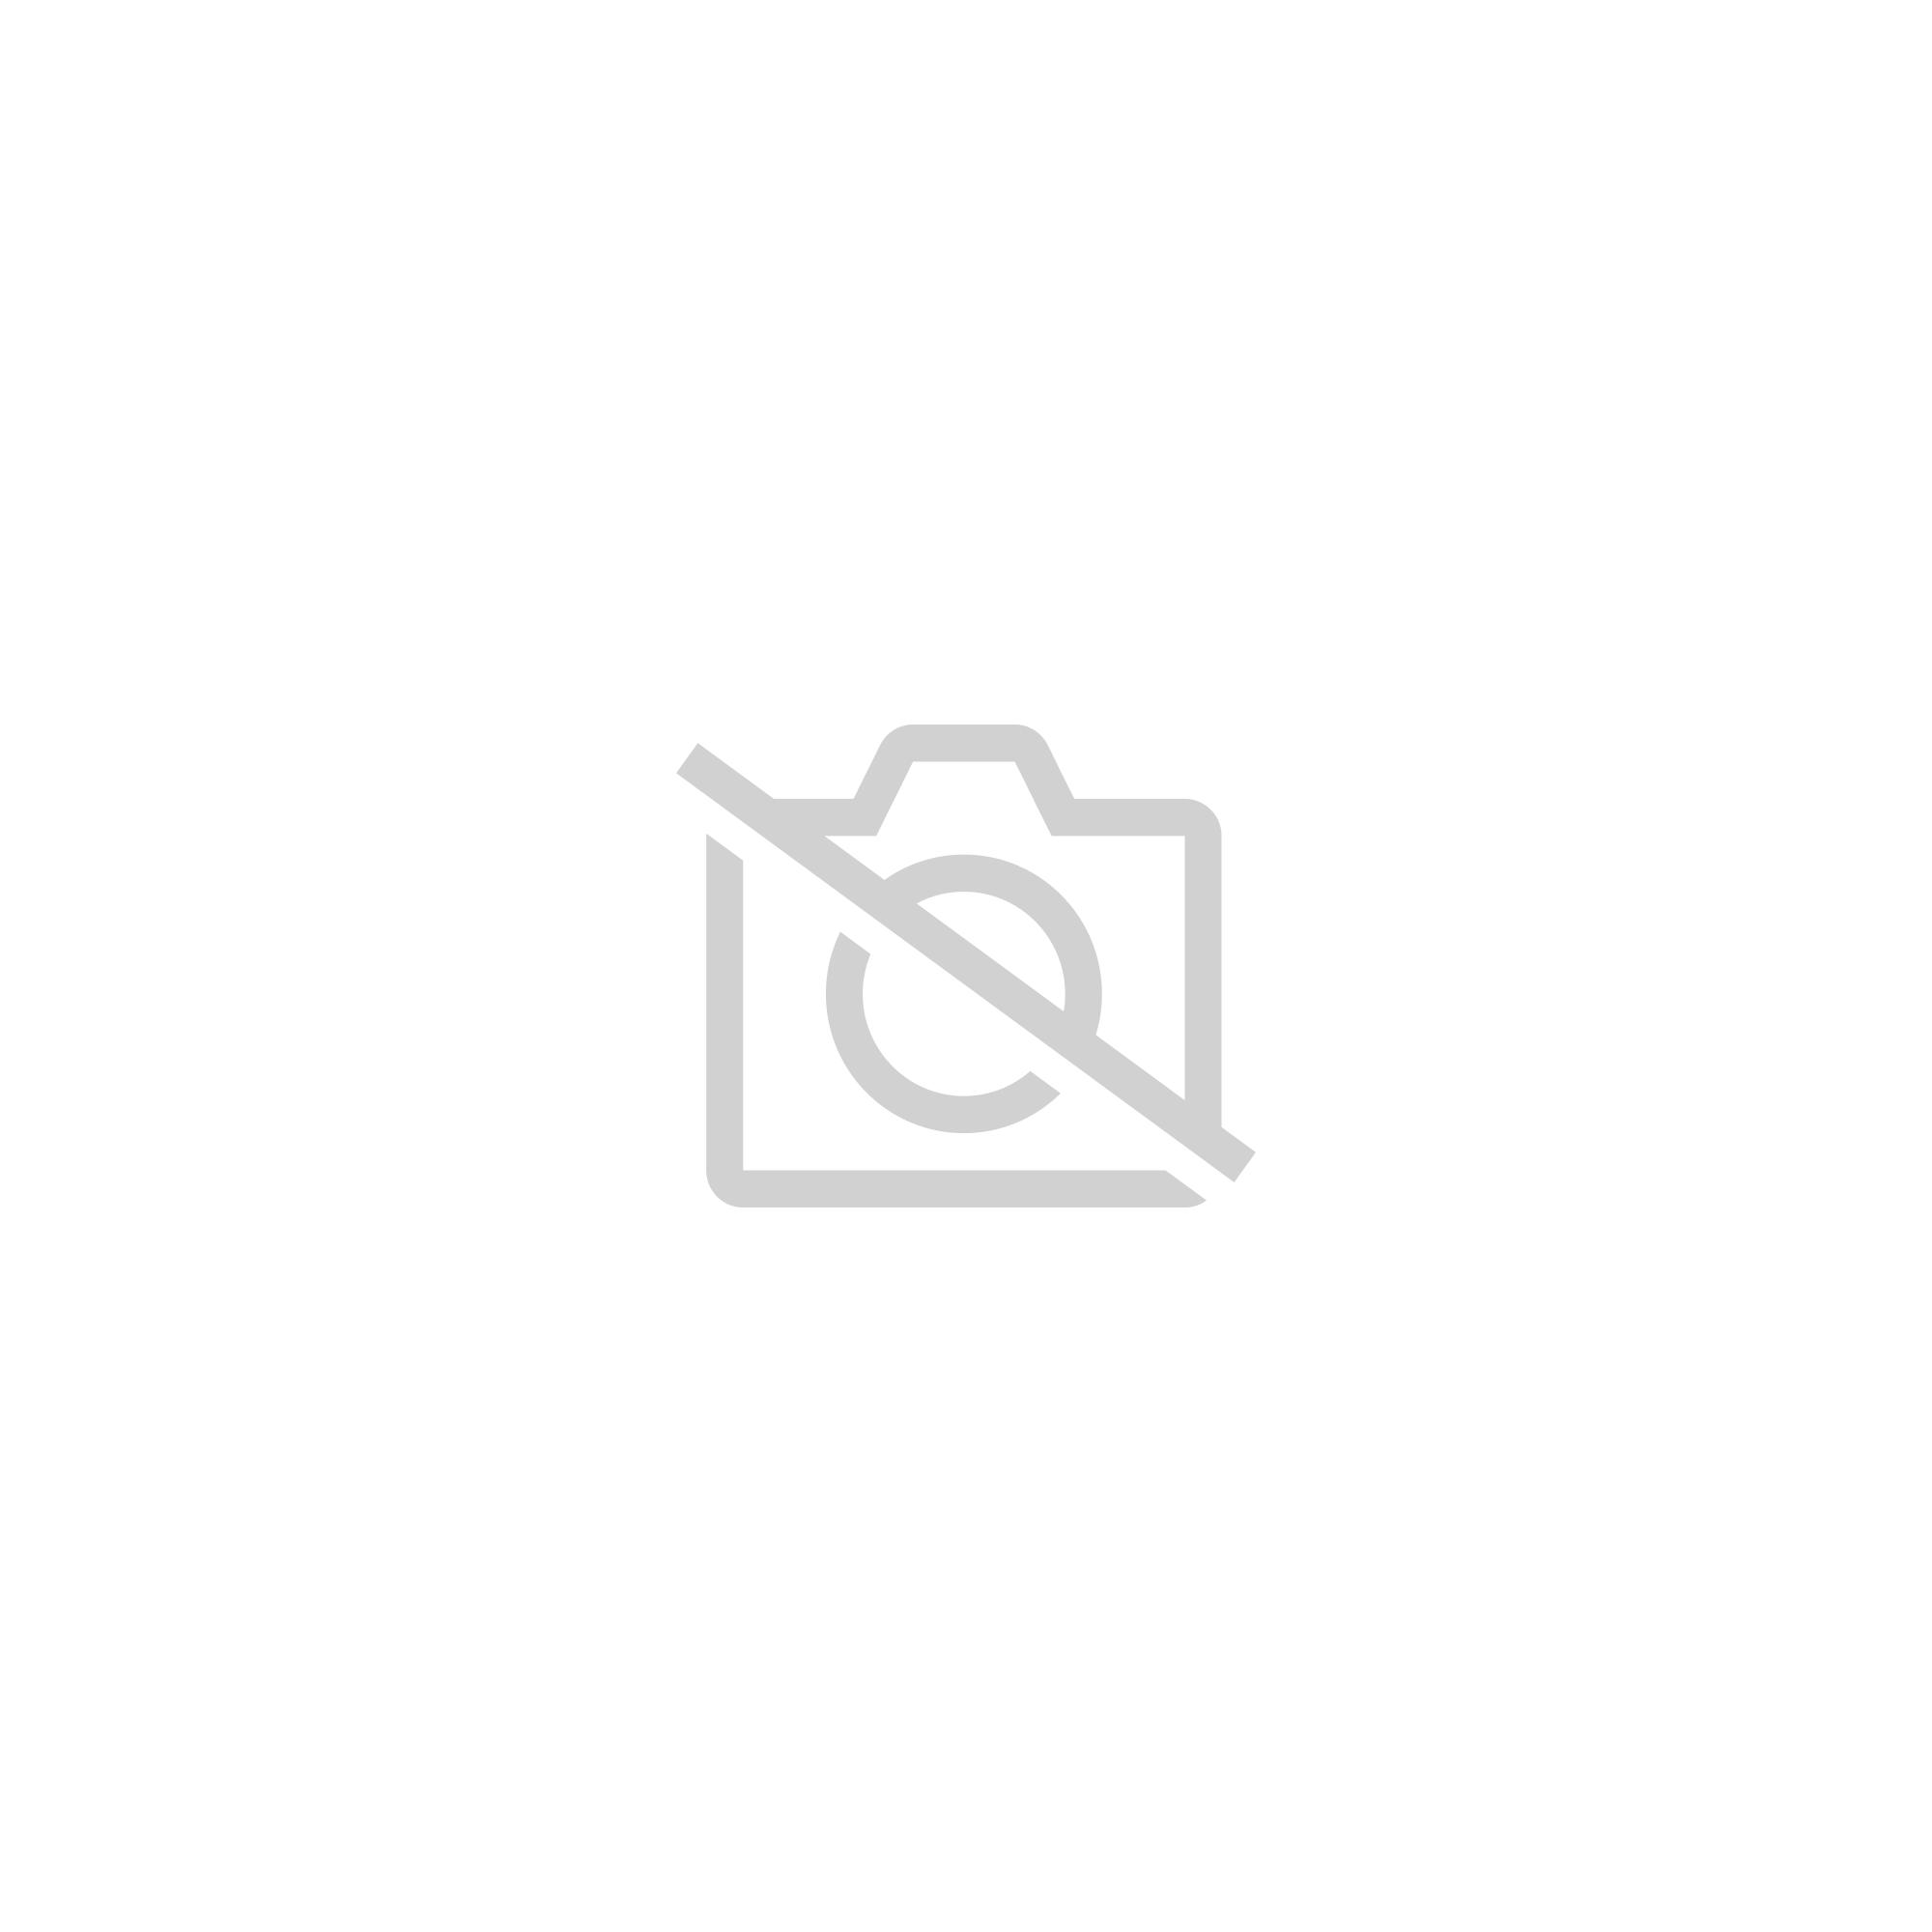 Kit De 7pcs Extension De Cheveux À Clips Synthetique Rajout Longueur 55 Cm Couleur Noir Jet 1 Forme Raide